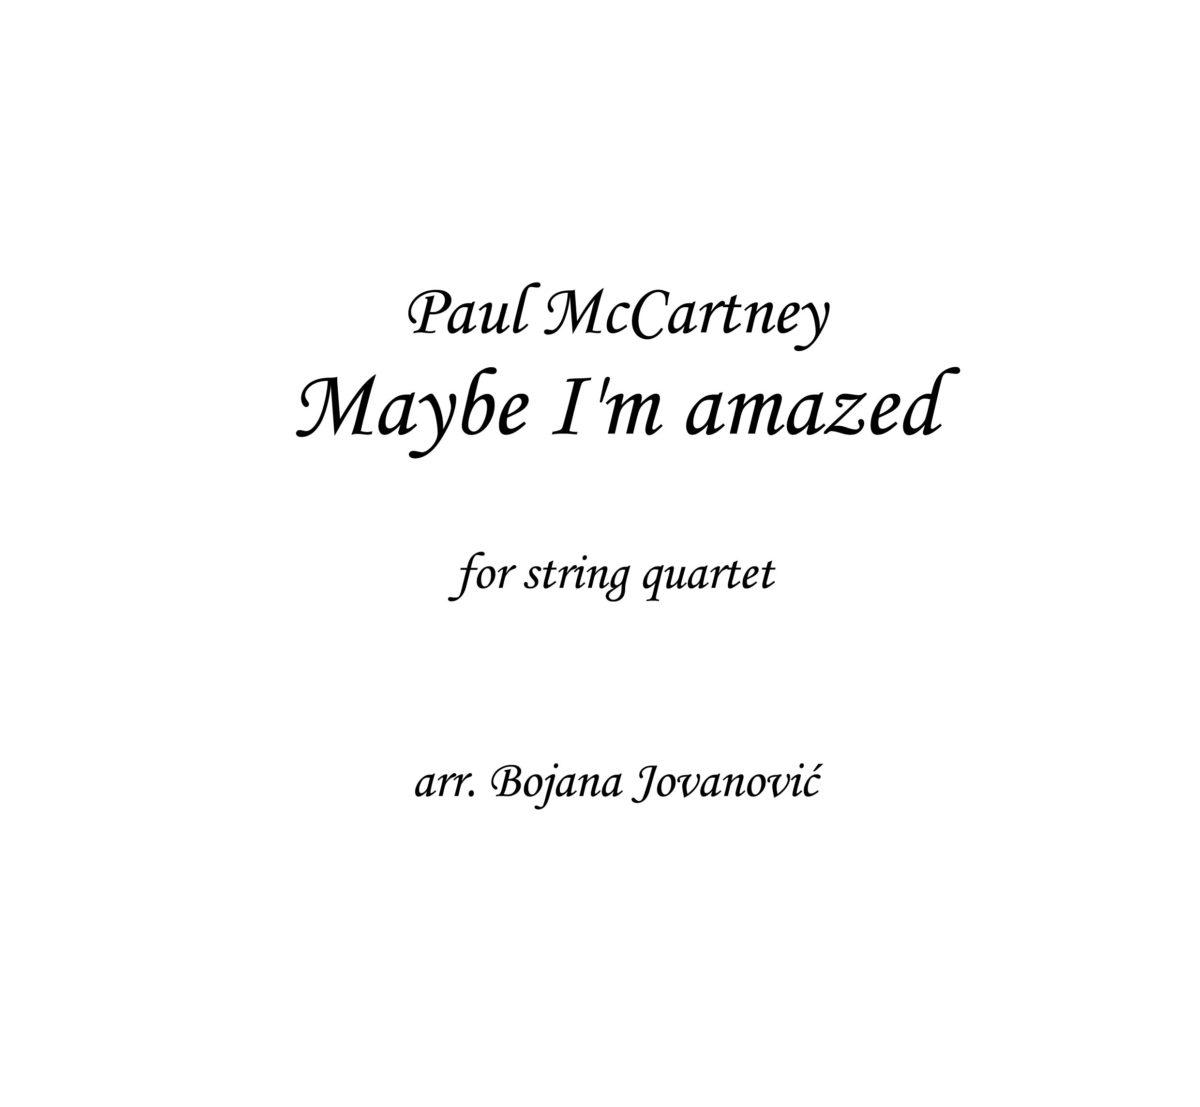 Maybe I'm amazed (Wings) - Sheet Music